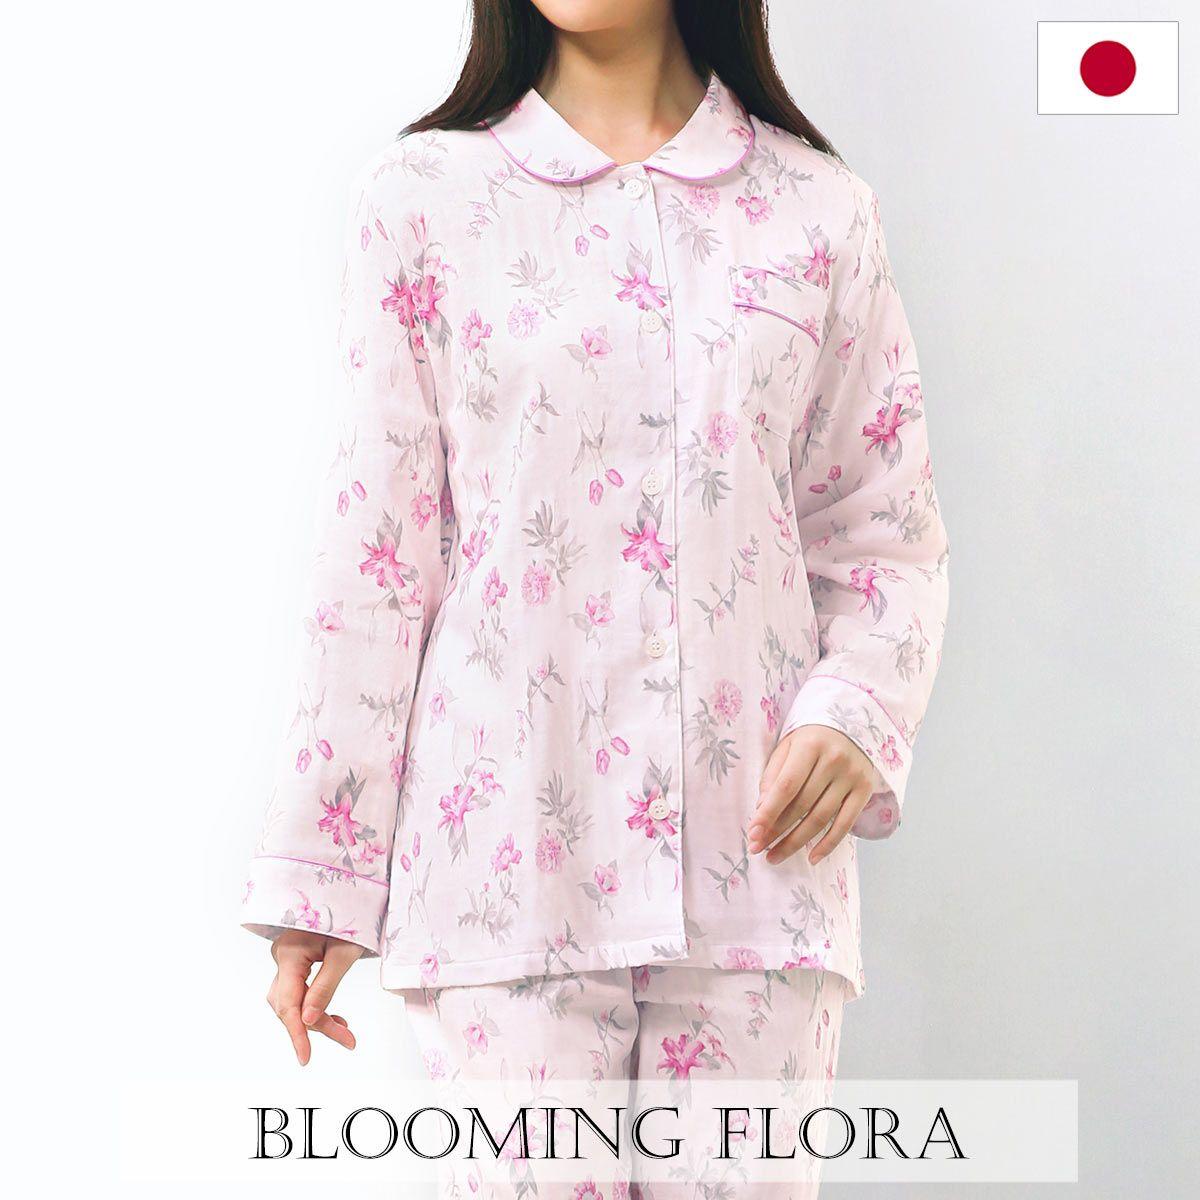 27%OFF【送料無料】 (ブルーミングフローラ)bloomingFLORA 日本製 ダブルガーゼ 綿100% 花柄 丸衿パジャマ レディース 優しい着心地 上下セット ルームウェア